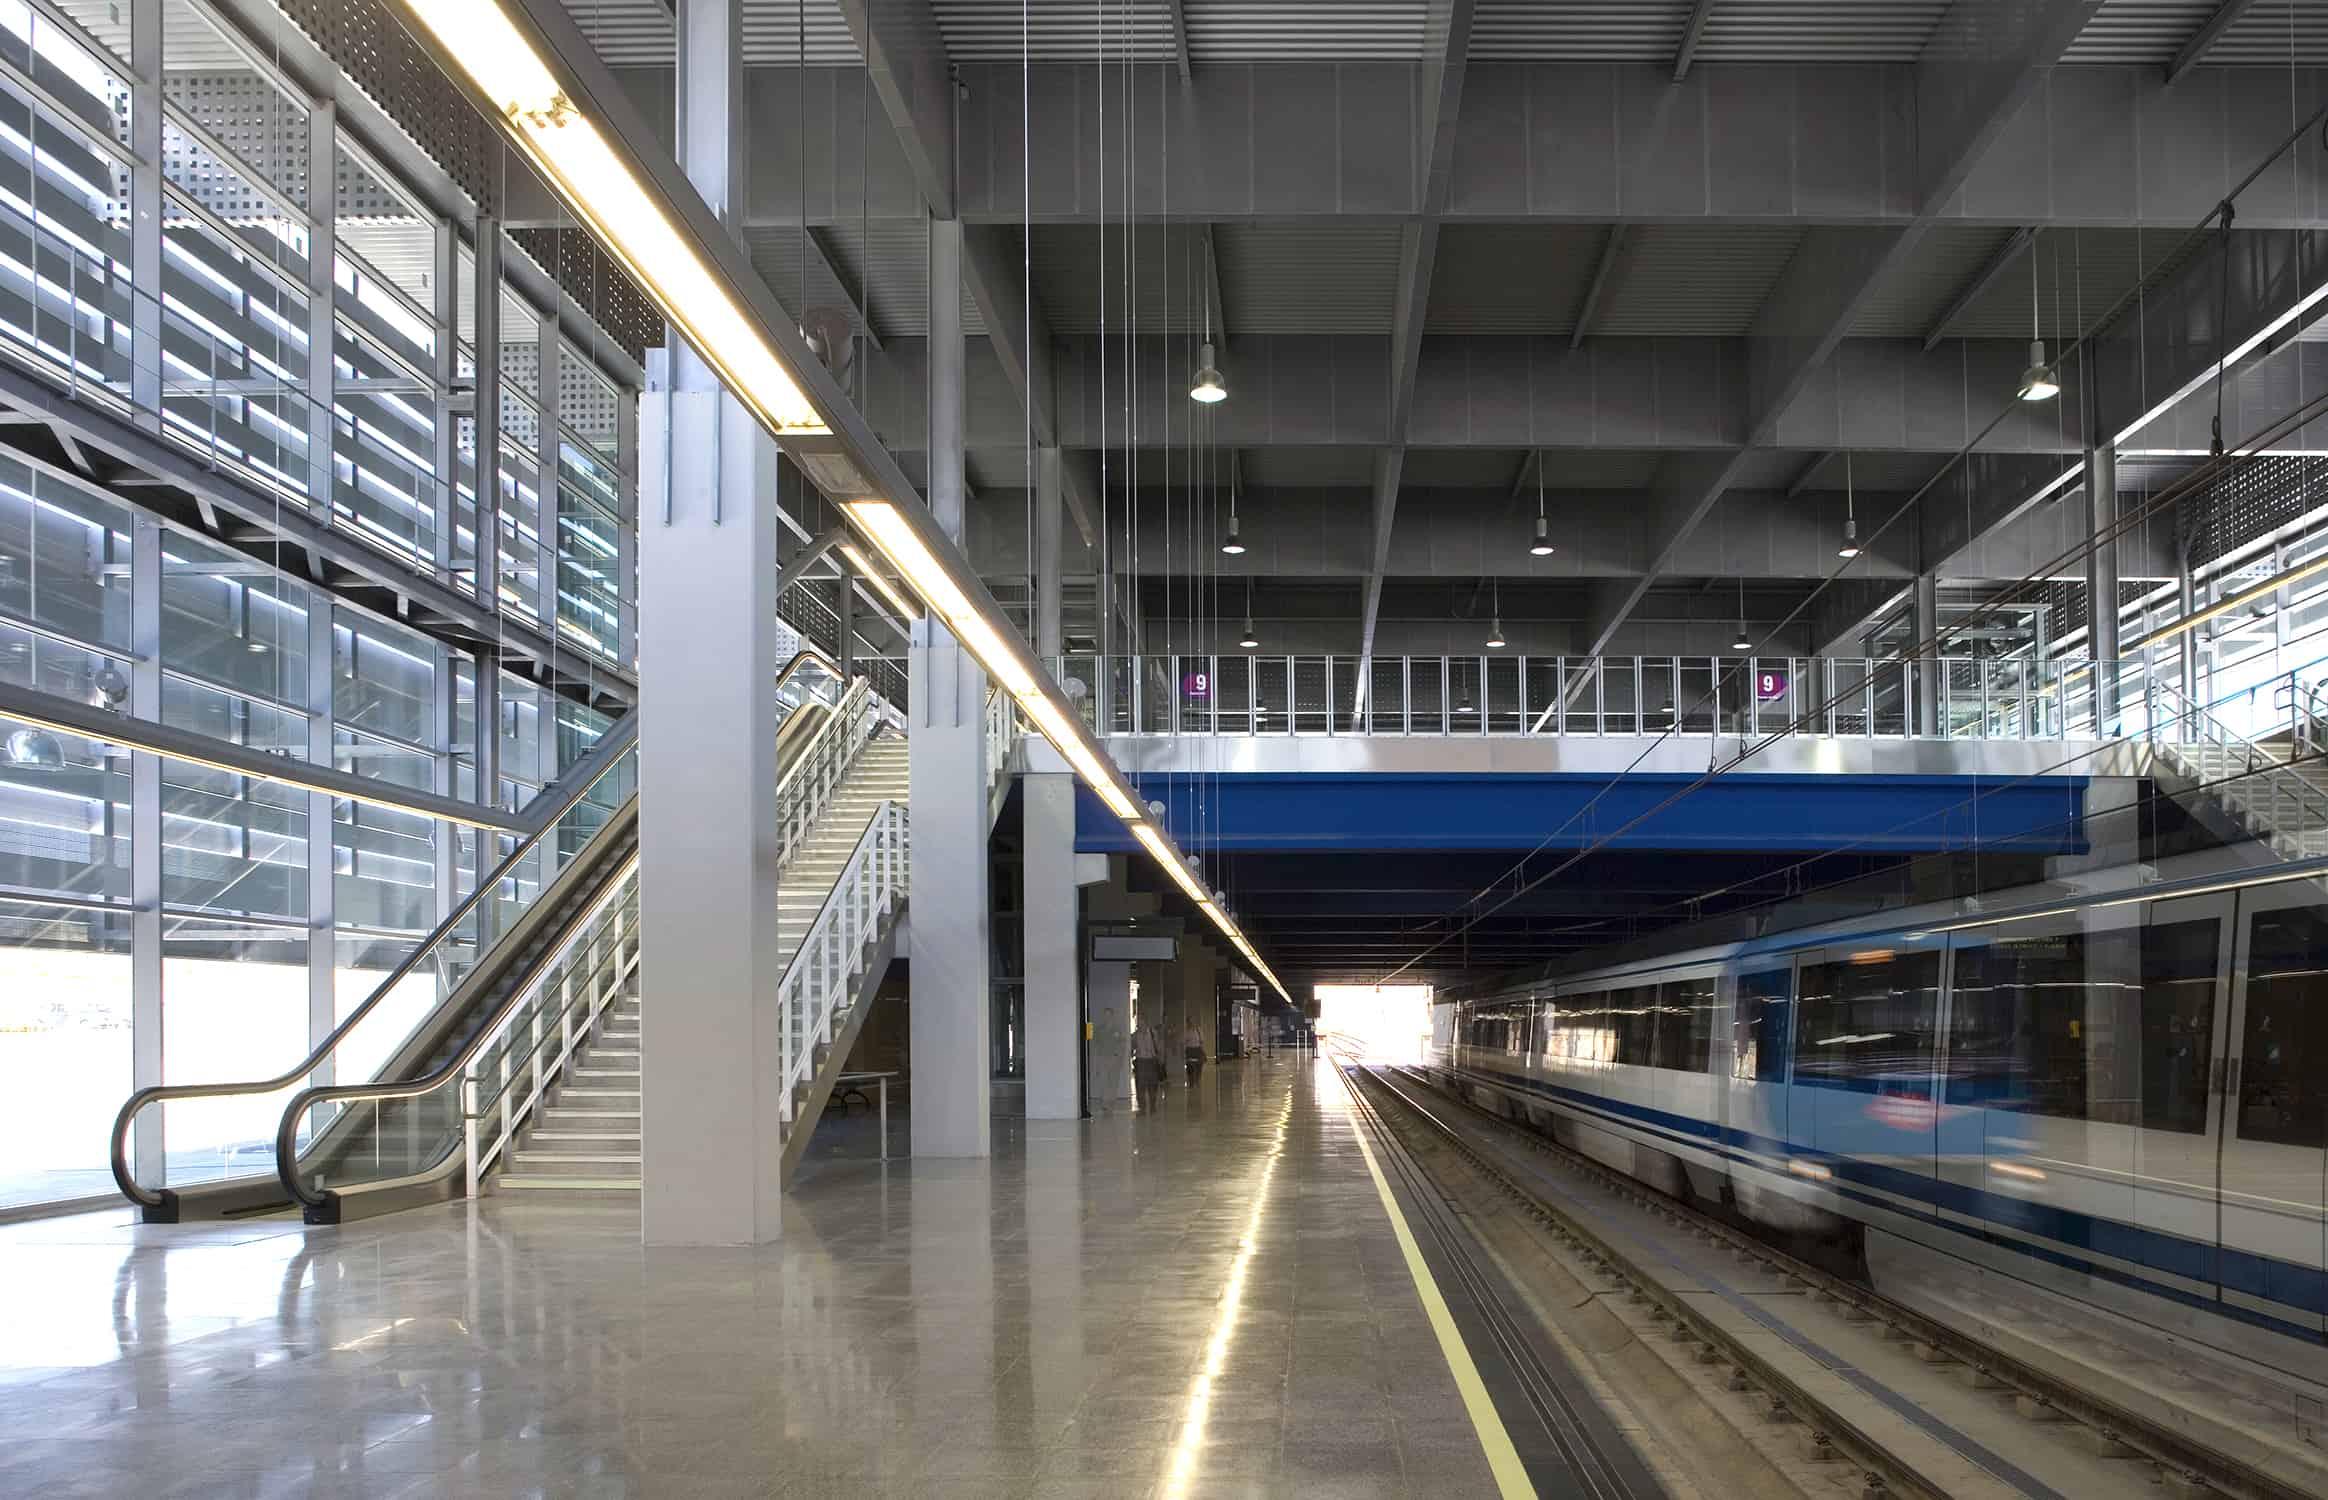 arquitectura transporte - Interior Estación METRO de MADRID_LGV+LANDINEZ+REY | equipo L2G arquitectos, slp [ eL2Gaa ]